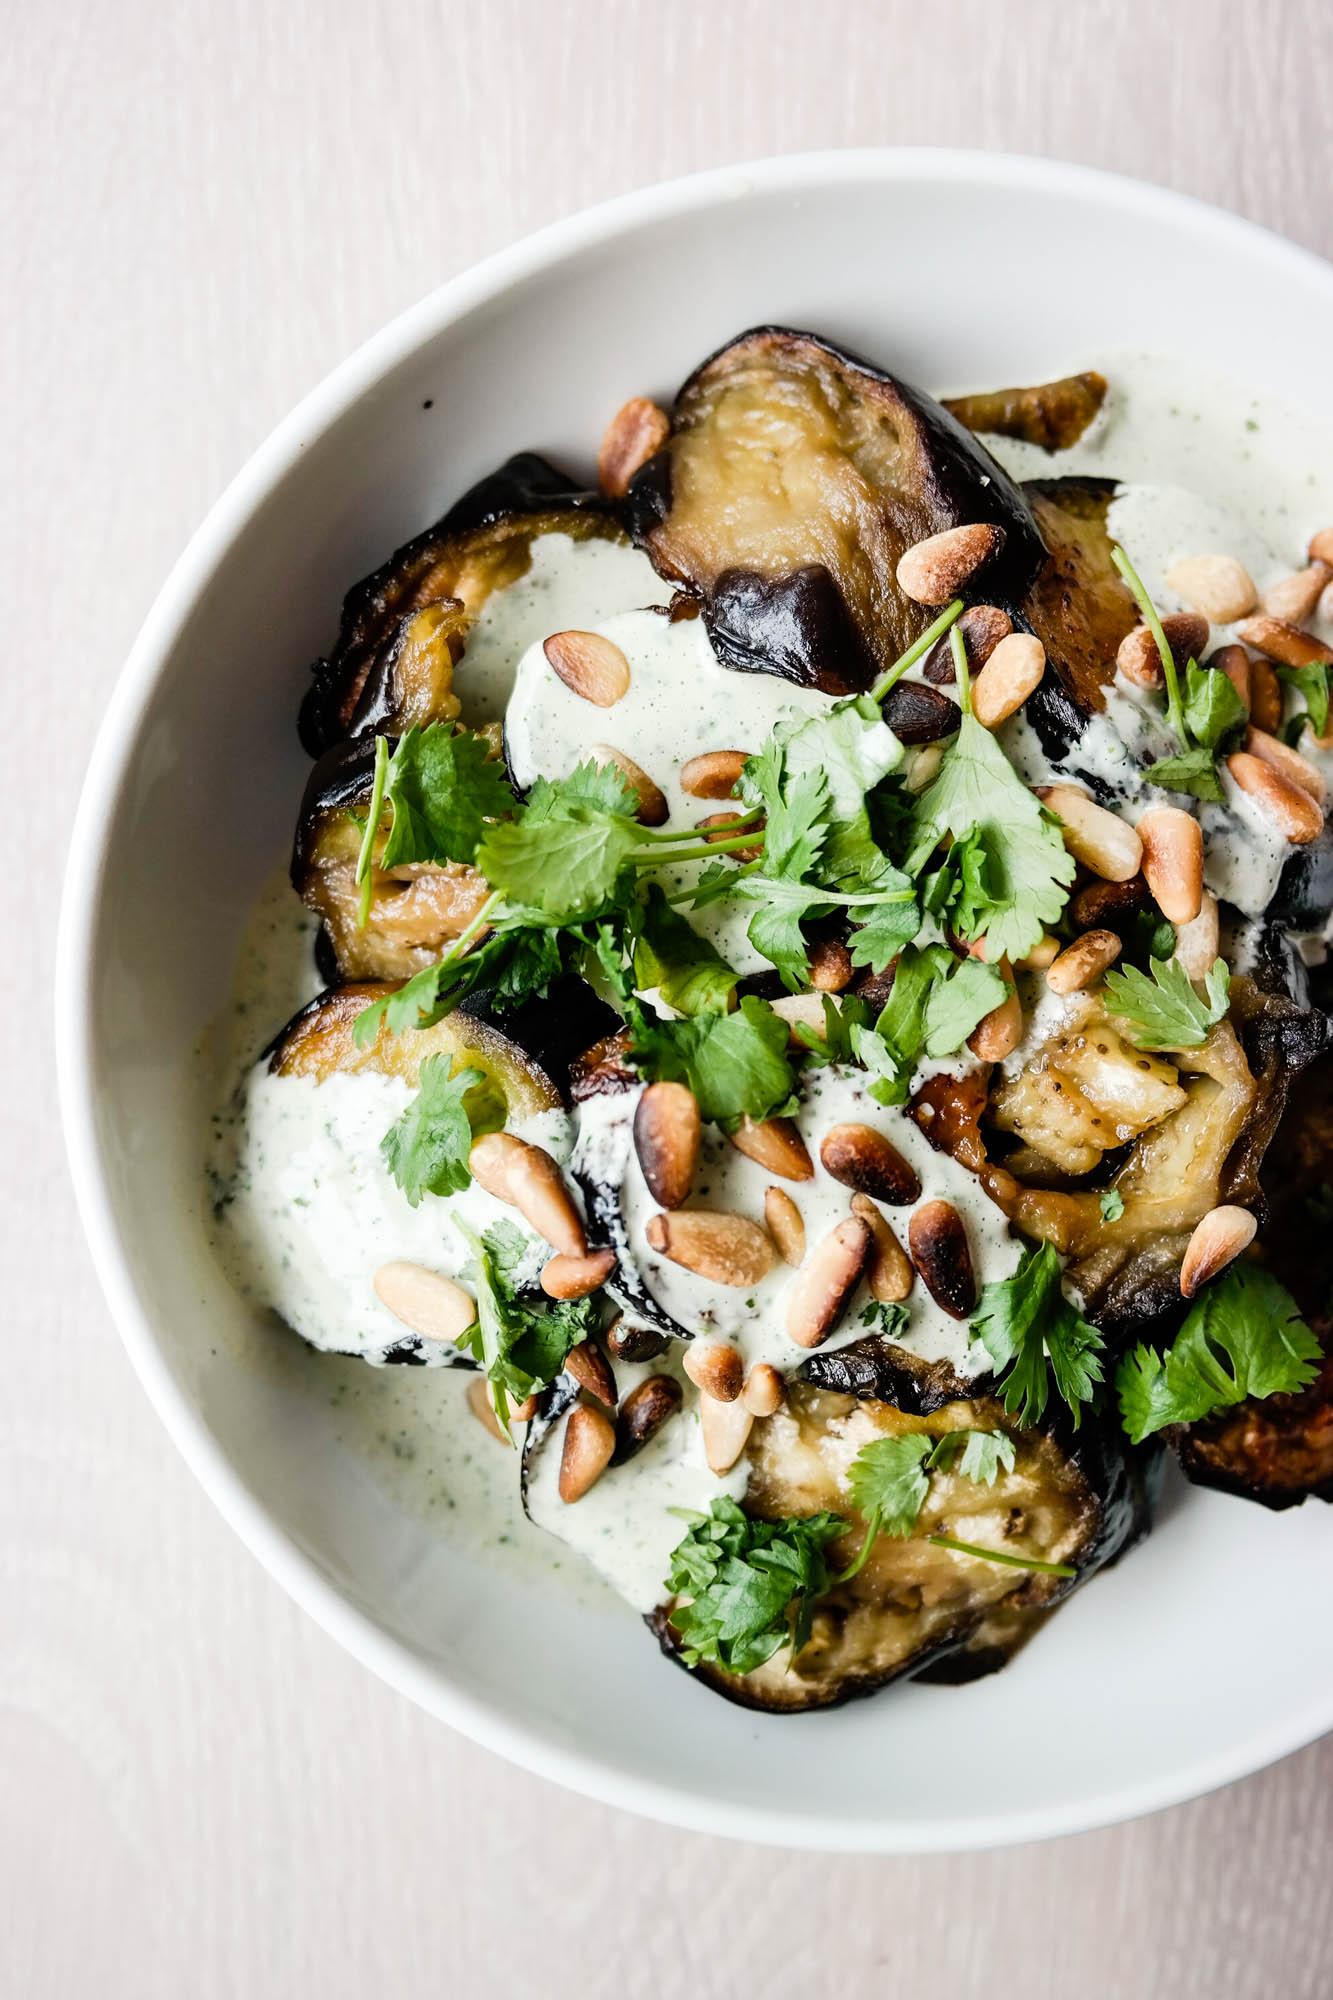 Lyst på noe godt med aubergine? Test ut ovnsbakt aubergine med koriander- og tahinisaus!